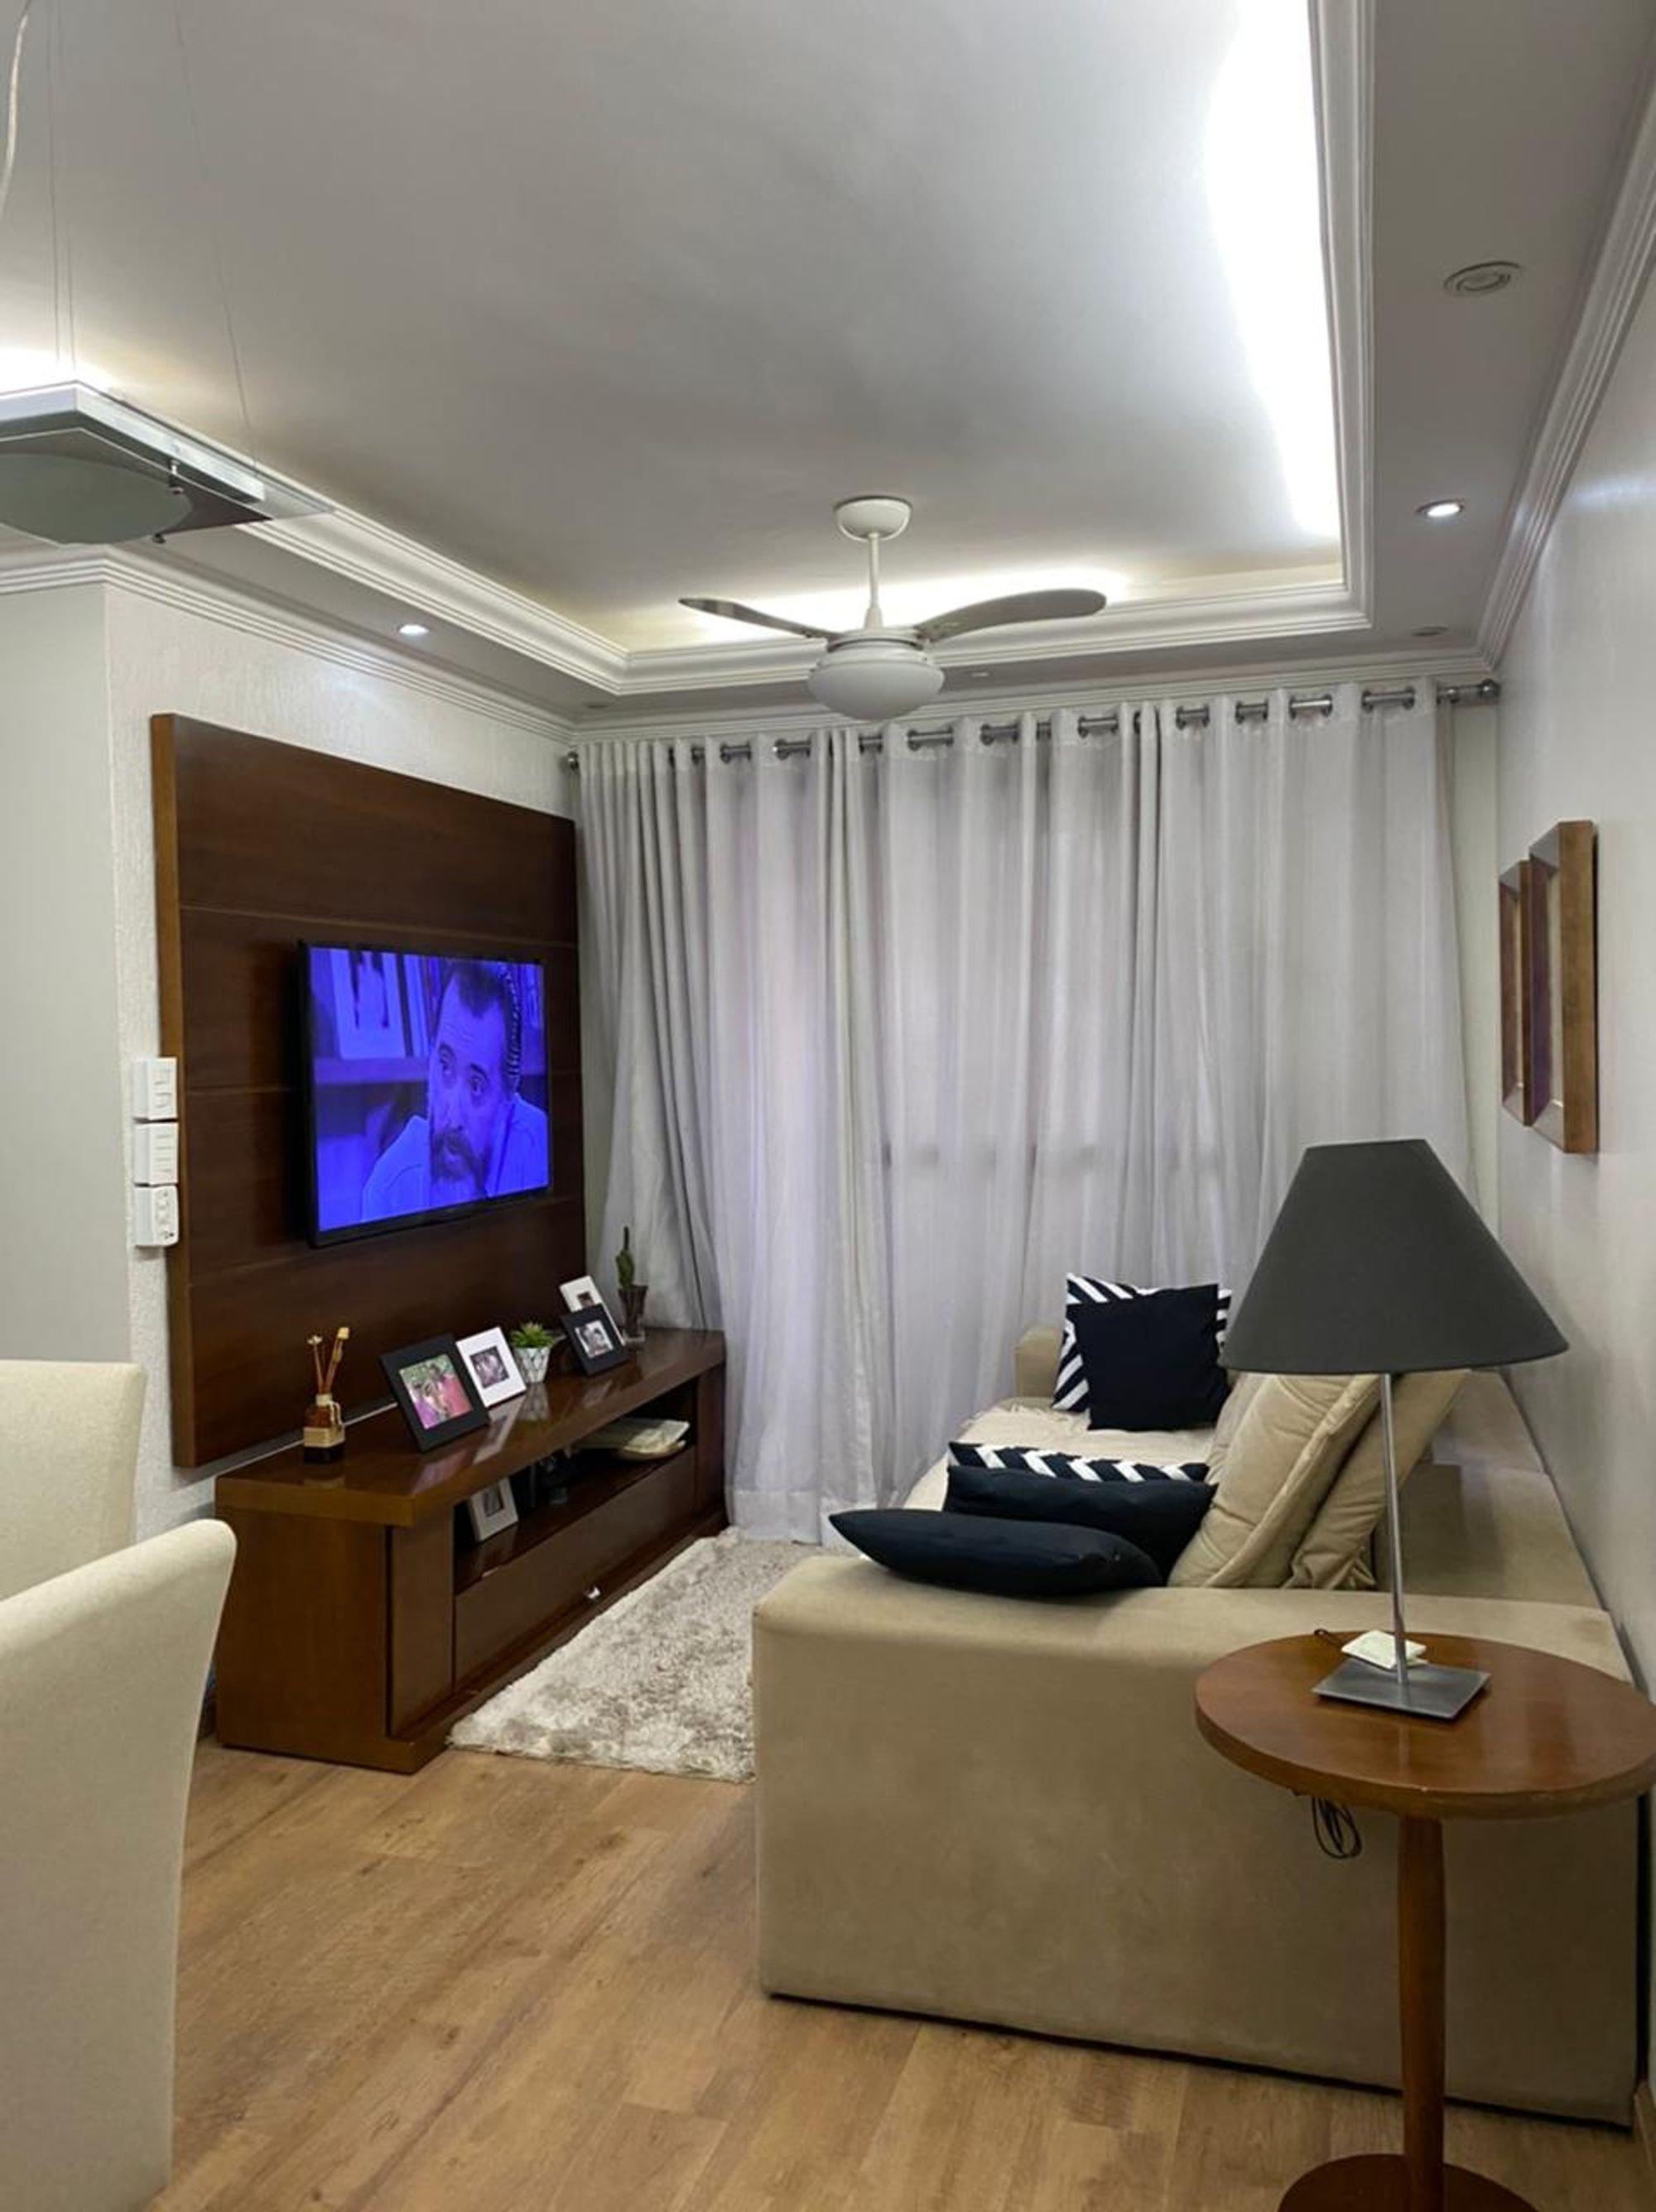 Foto de Sala com copo de vinho, sofá, bolsa, televisão, pessoa